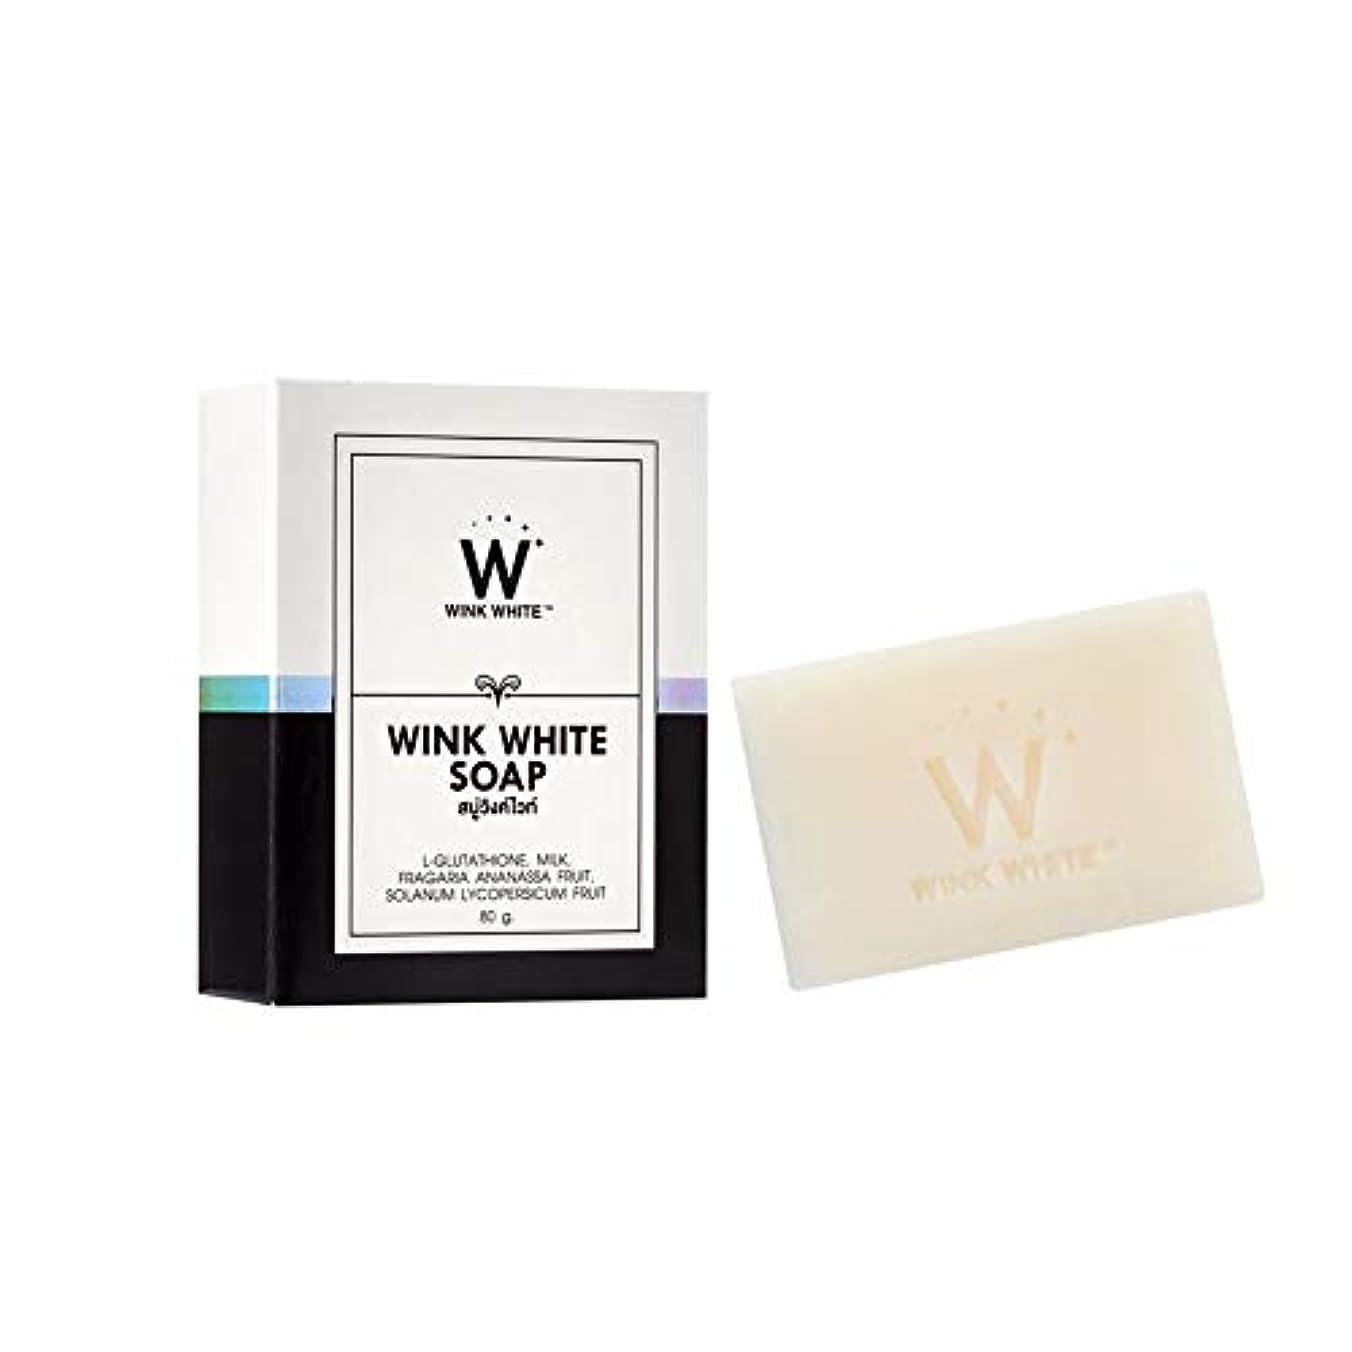 リンス眠る感心するSoap Net Nature White Soap Base Wink White Soap Gluta Pure Skin Body Whitening Strawberry for Whitening Skin All Natural Milled Goats Milk